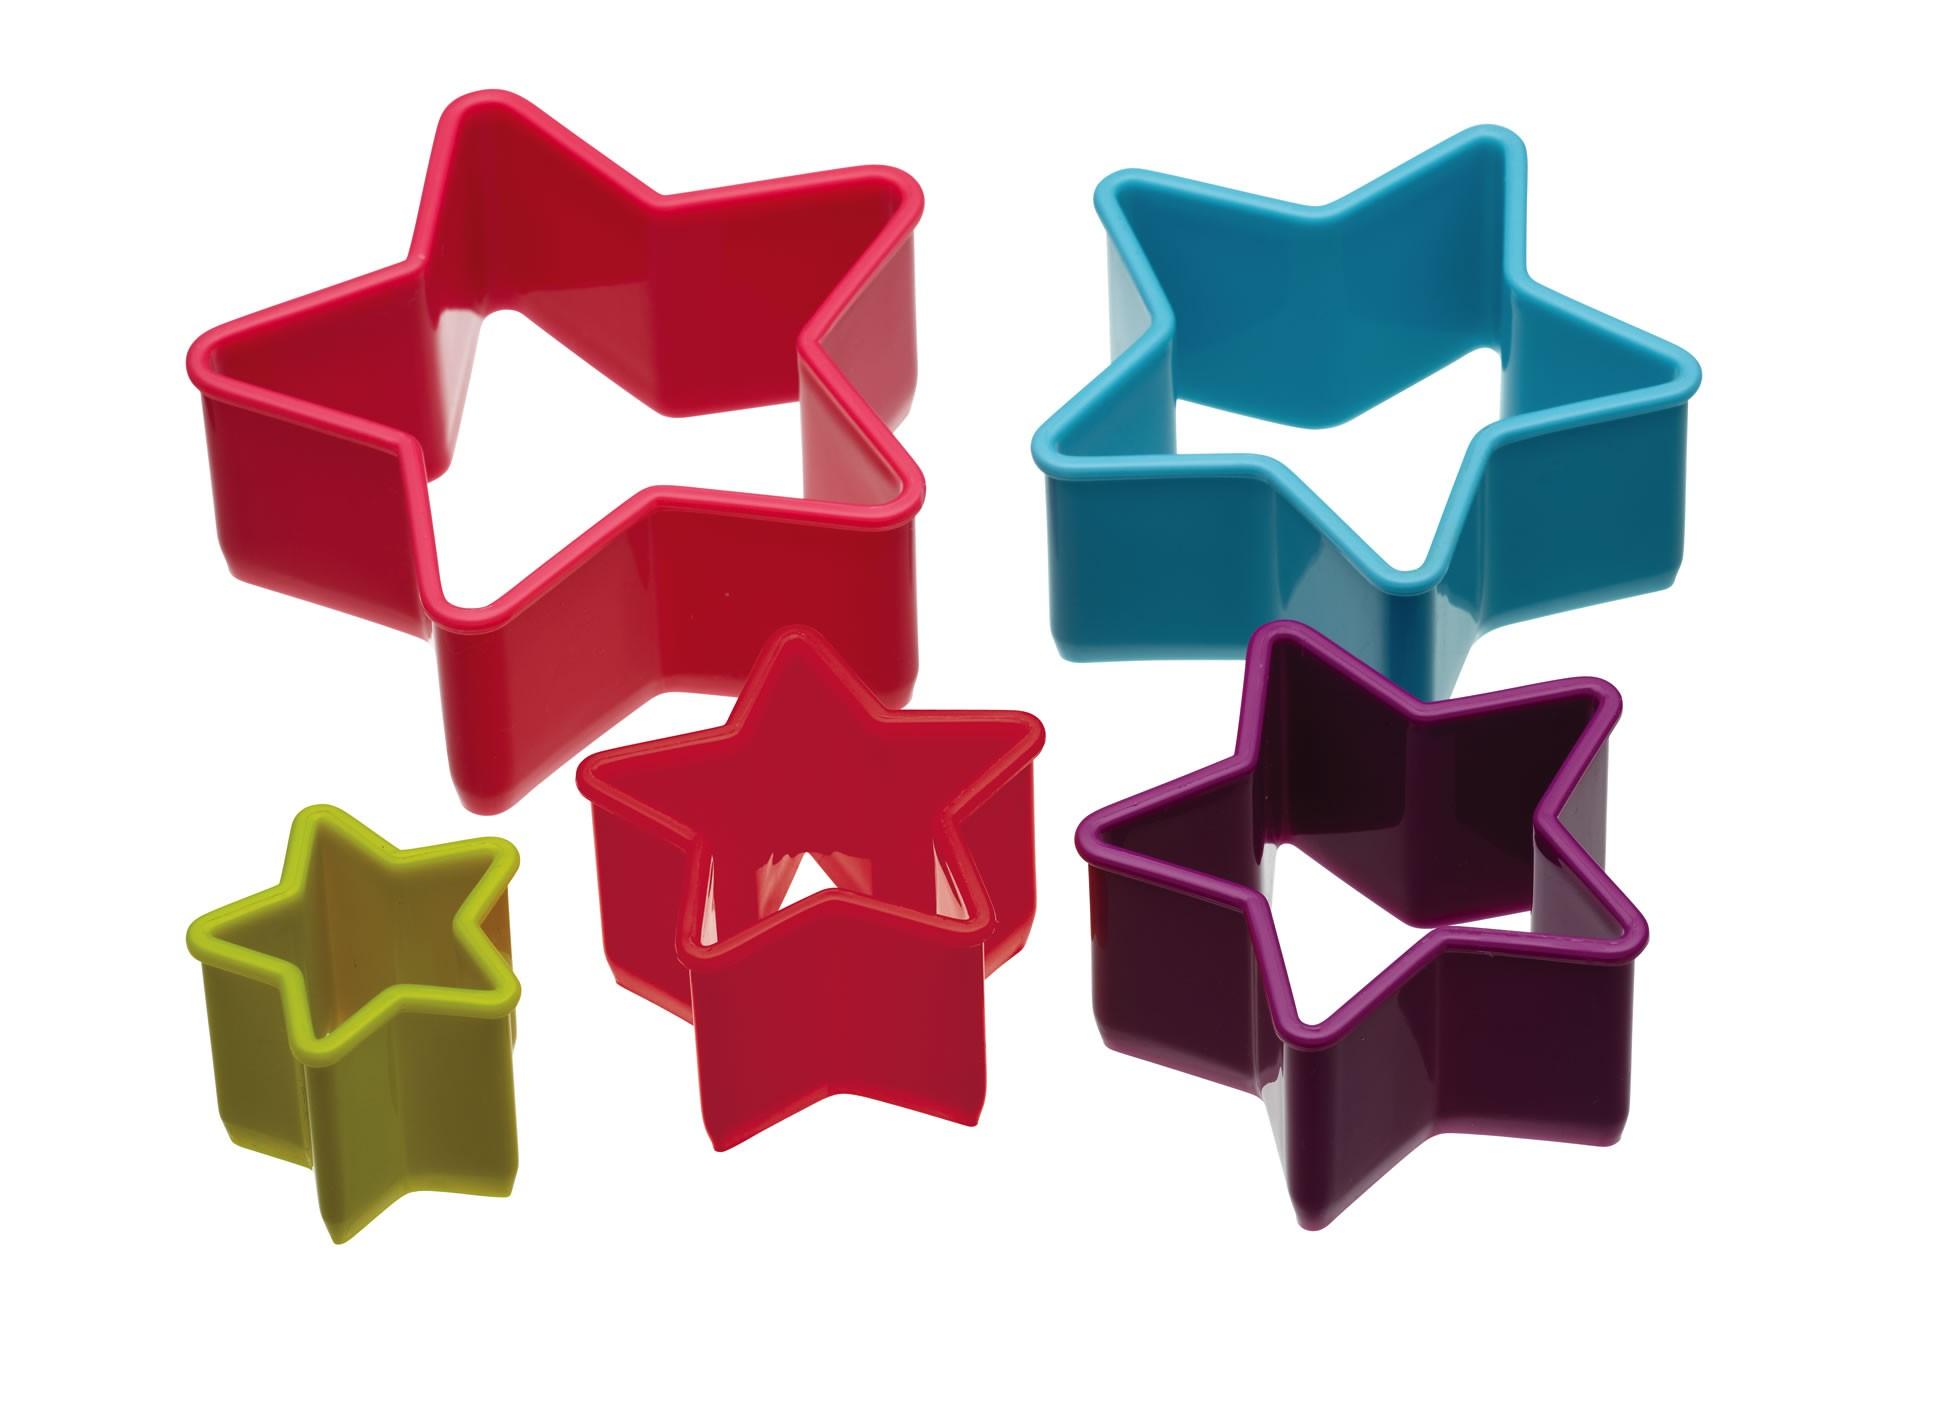 κουπ-πατ σετ 5 τεμάχια αστέρι colourworks by kitchencraft home   ζαχαροπλαστικη   κουπ   πατ